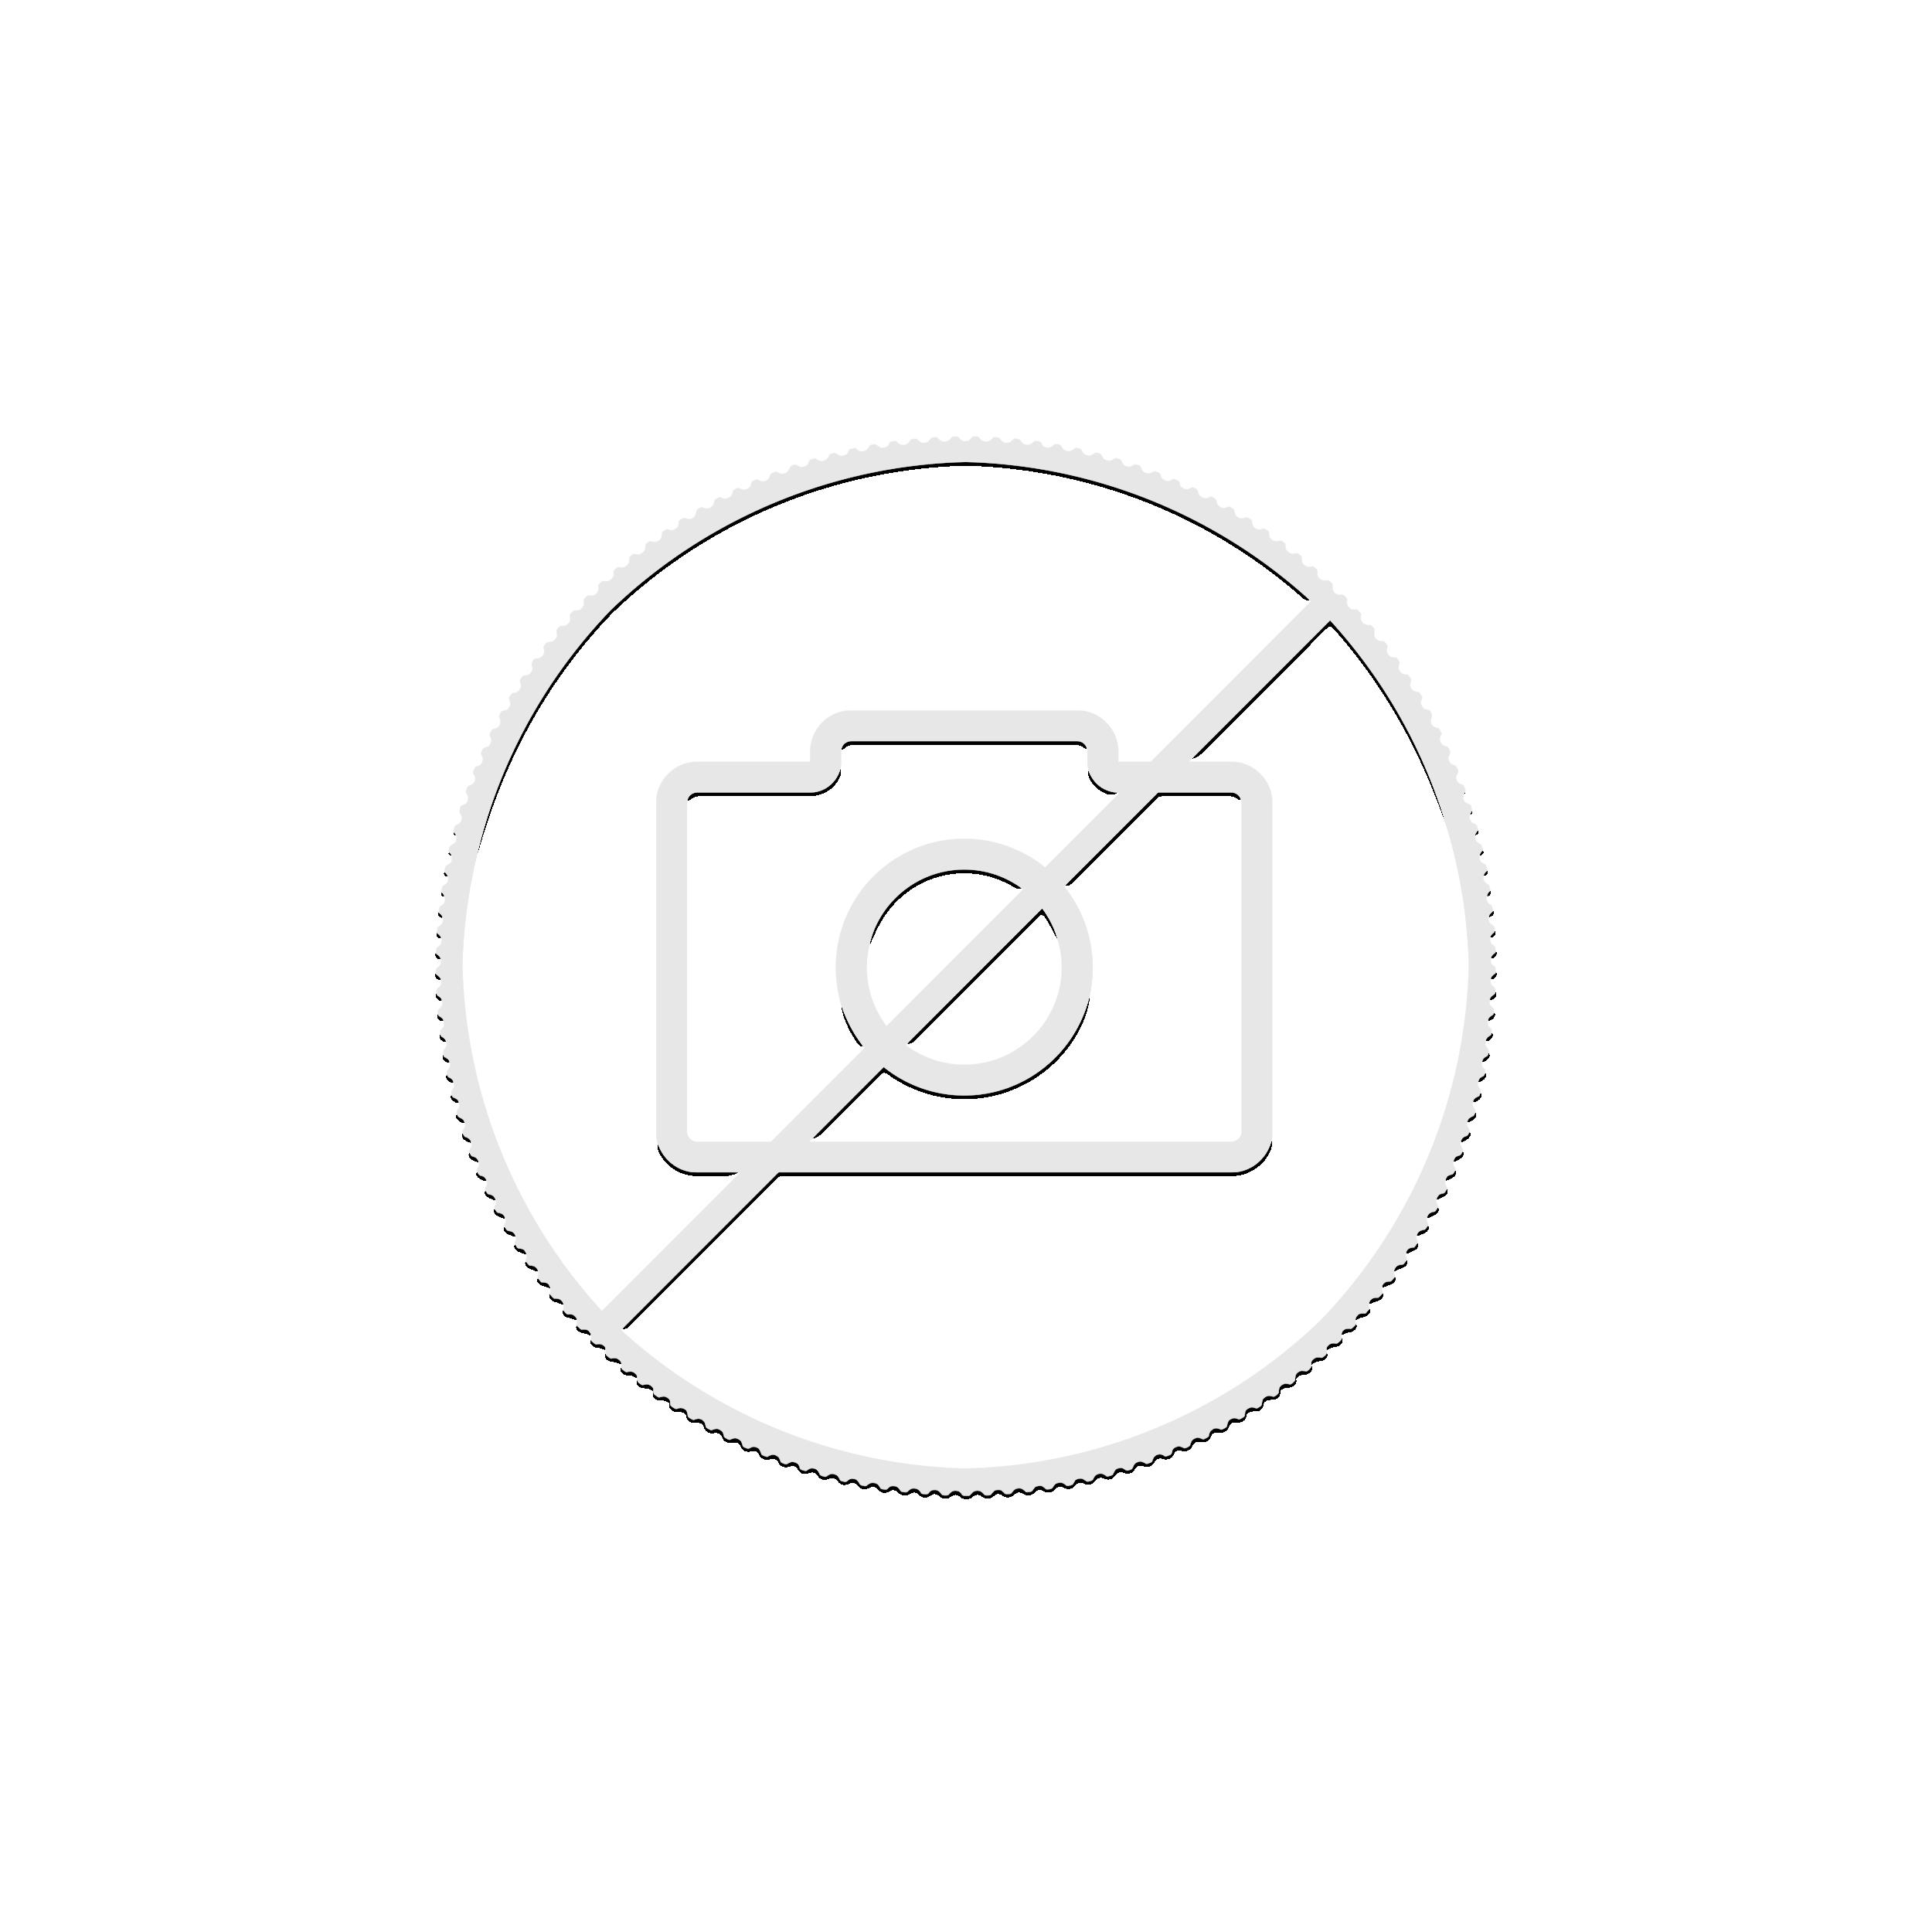 1 troy ounce zilveren munt Diwali 2021 - verpakking